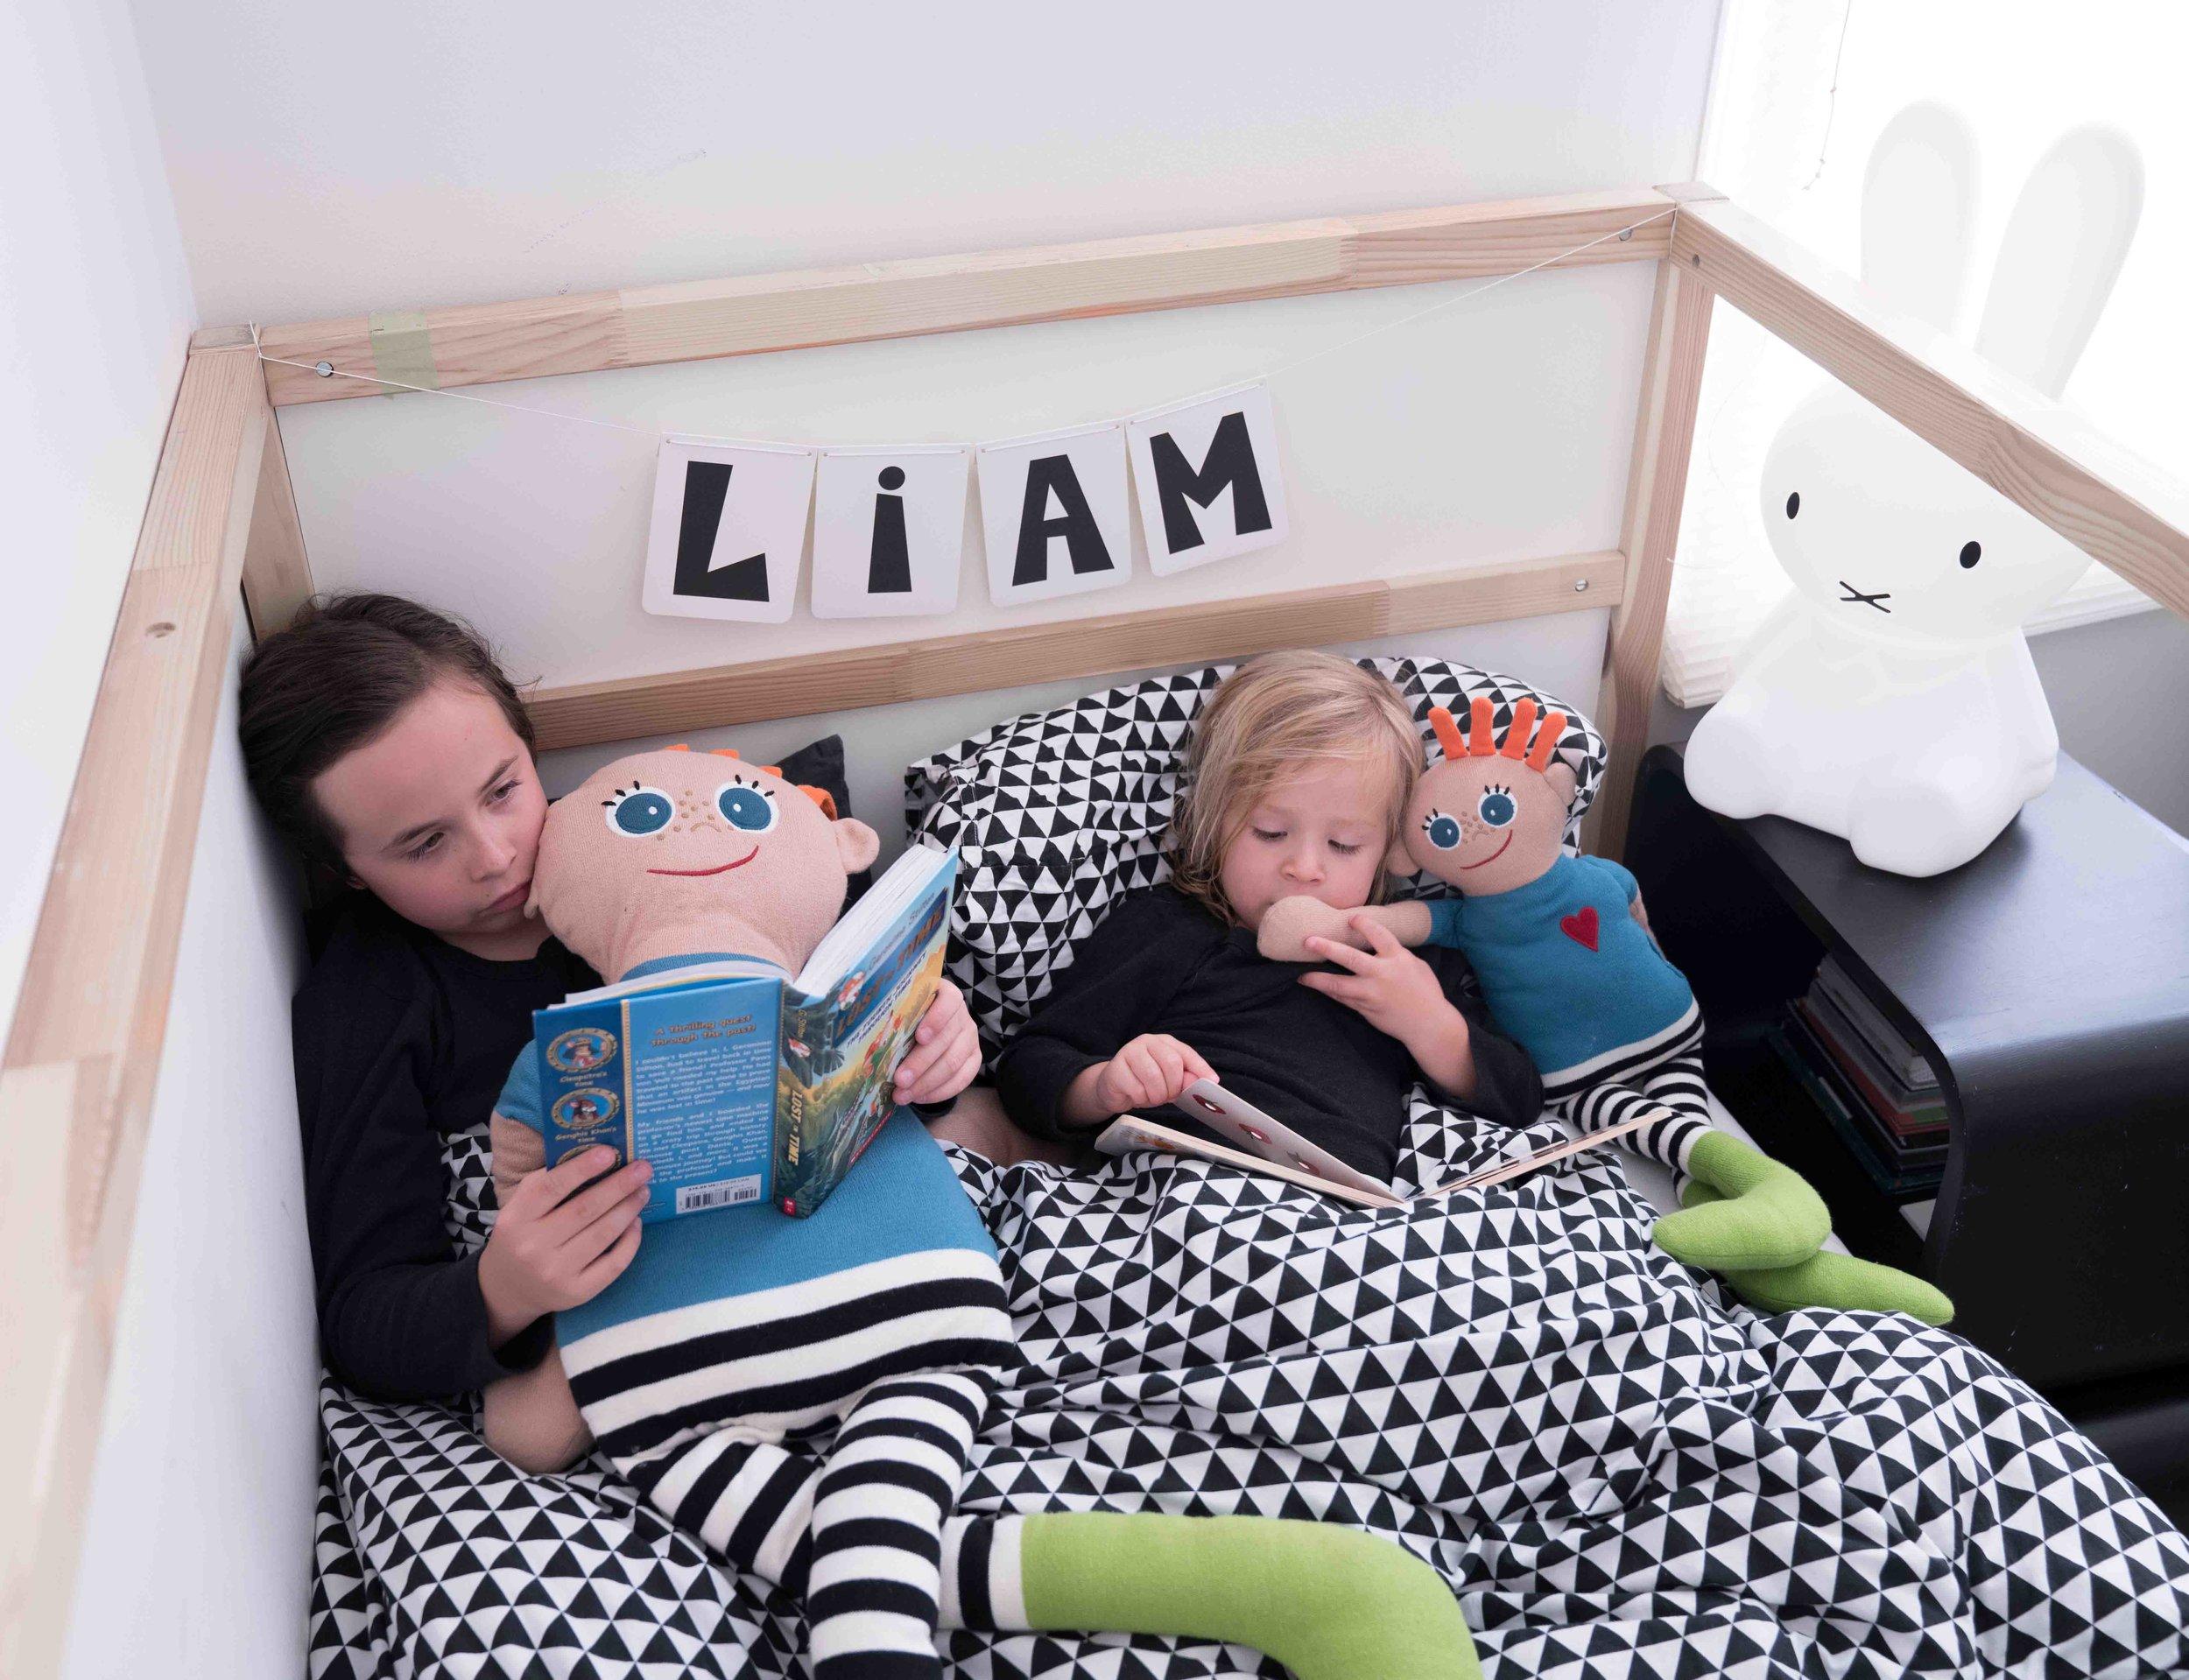 kaicopenhagen.bedtime.jpg